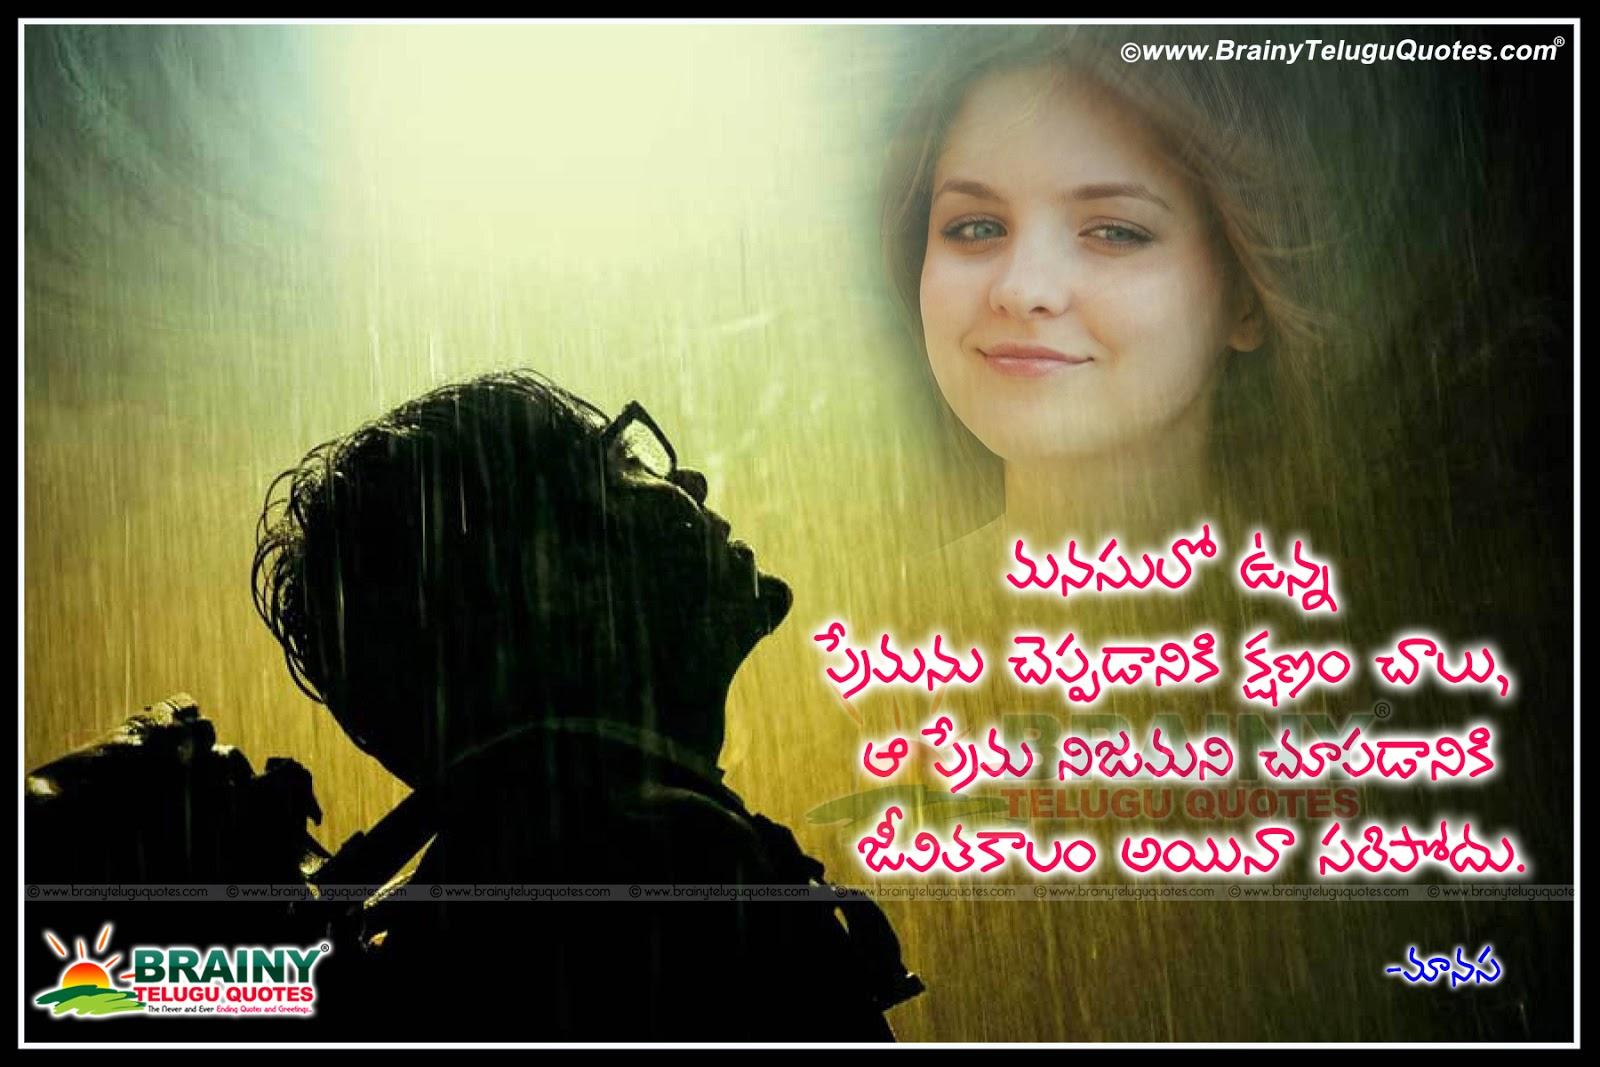 sad love failure quotes in telugu